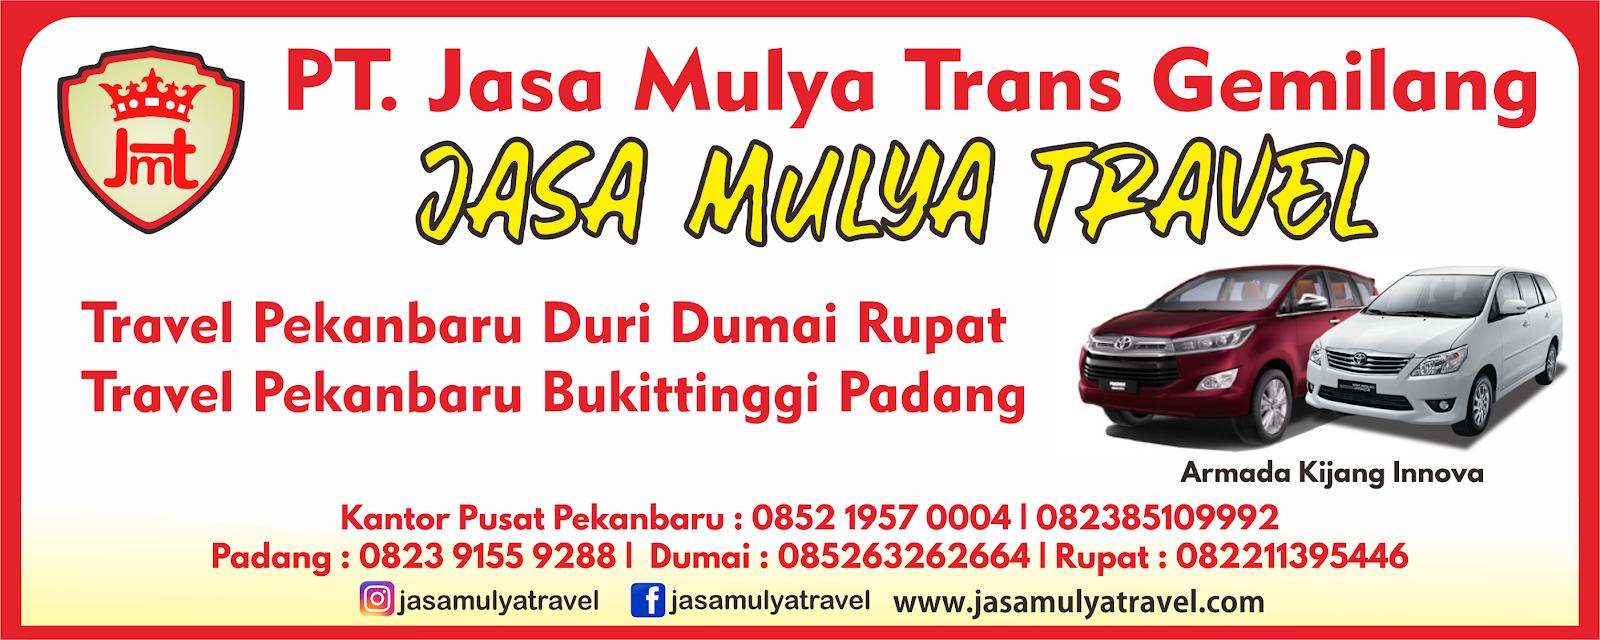 Jasa Mulya Travel 1